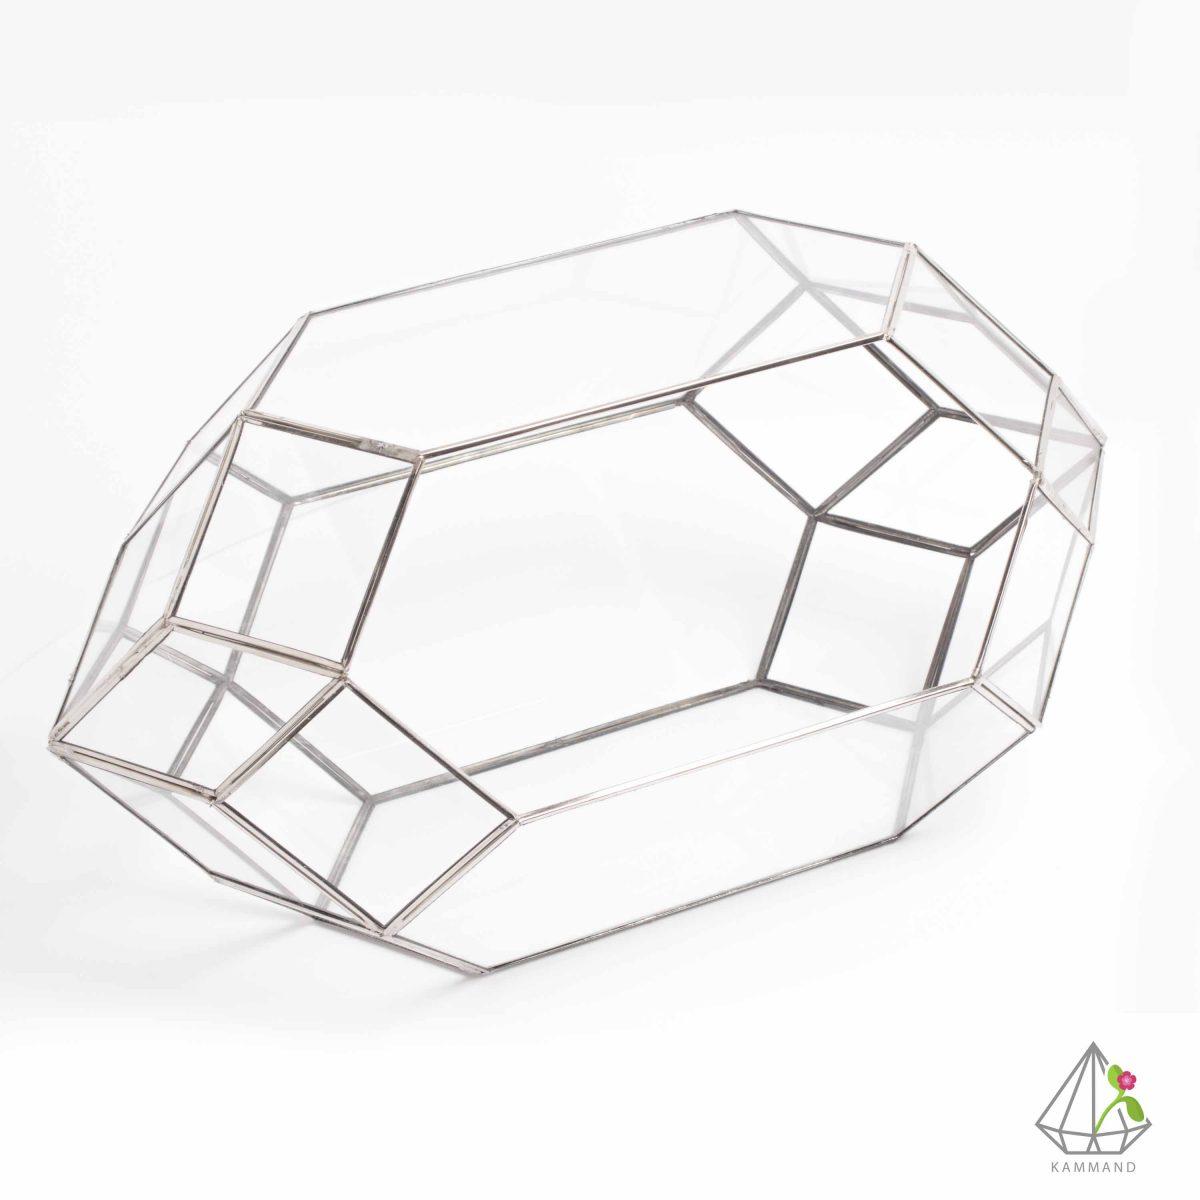 ظروف تراریوم، تراریوم چند وجهی ، تراریوم چند وجهی، تراریوم آویز ،گلدان شیشه ای، تراریوم، باغ شیشه ای ، فروشگاه اینترنتی کمند